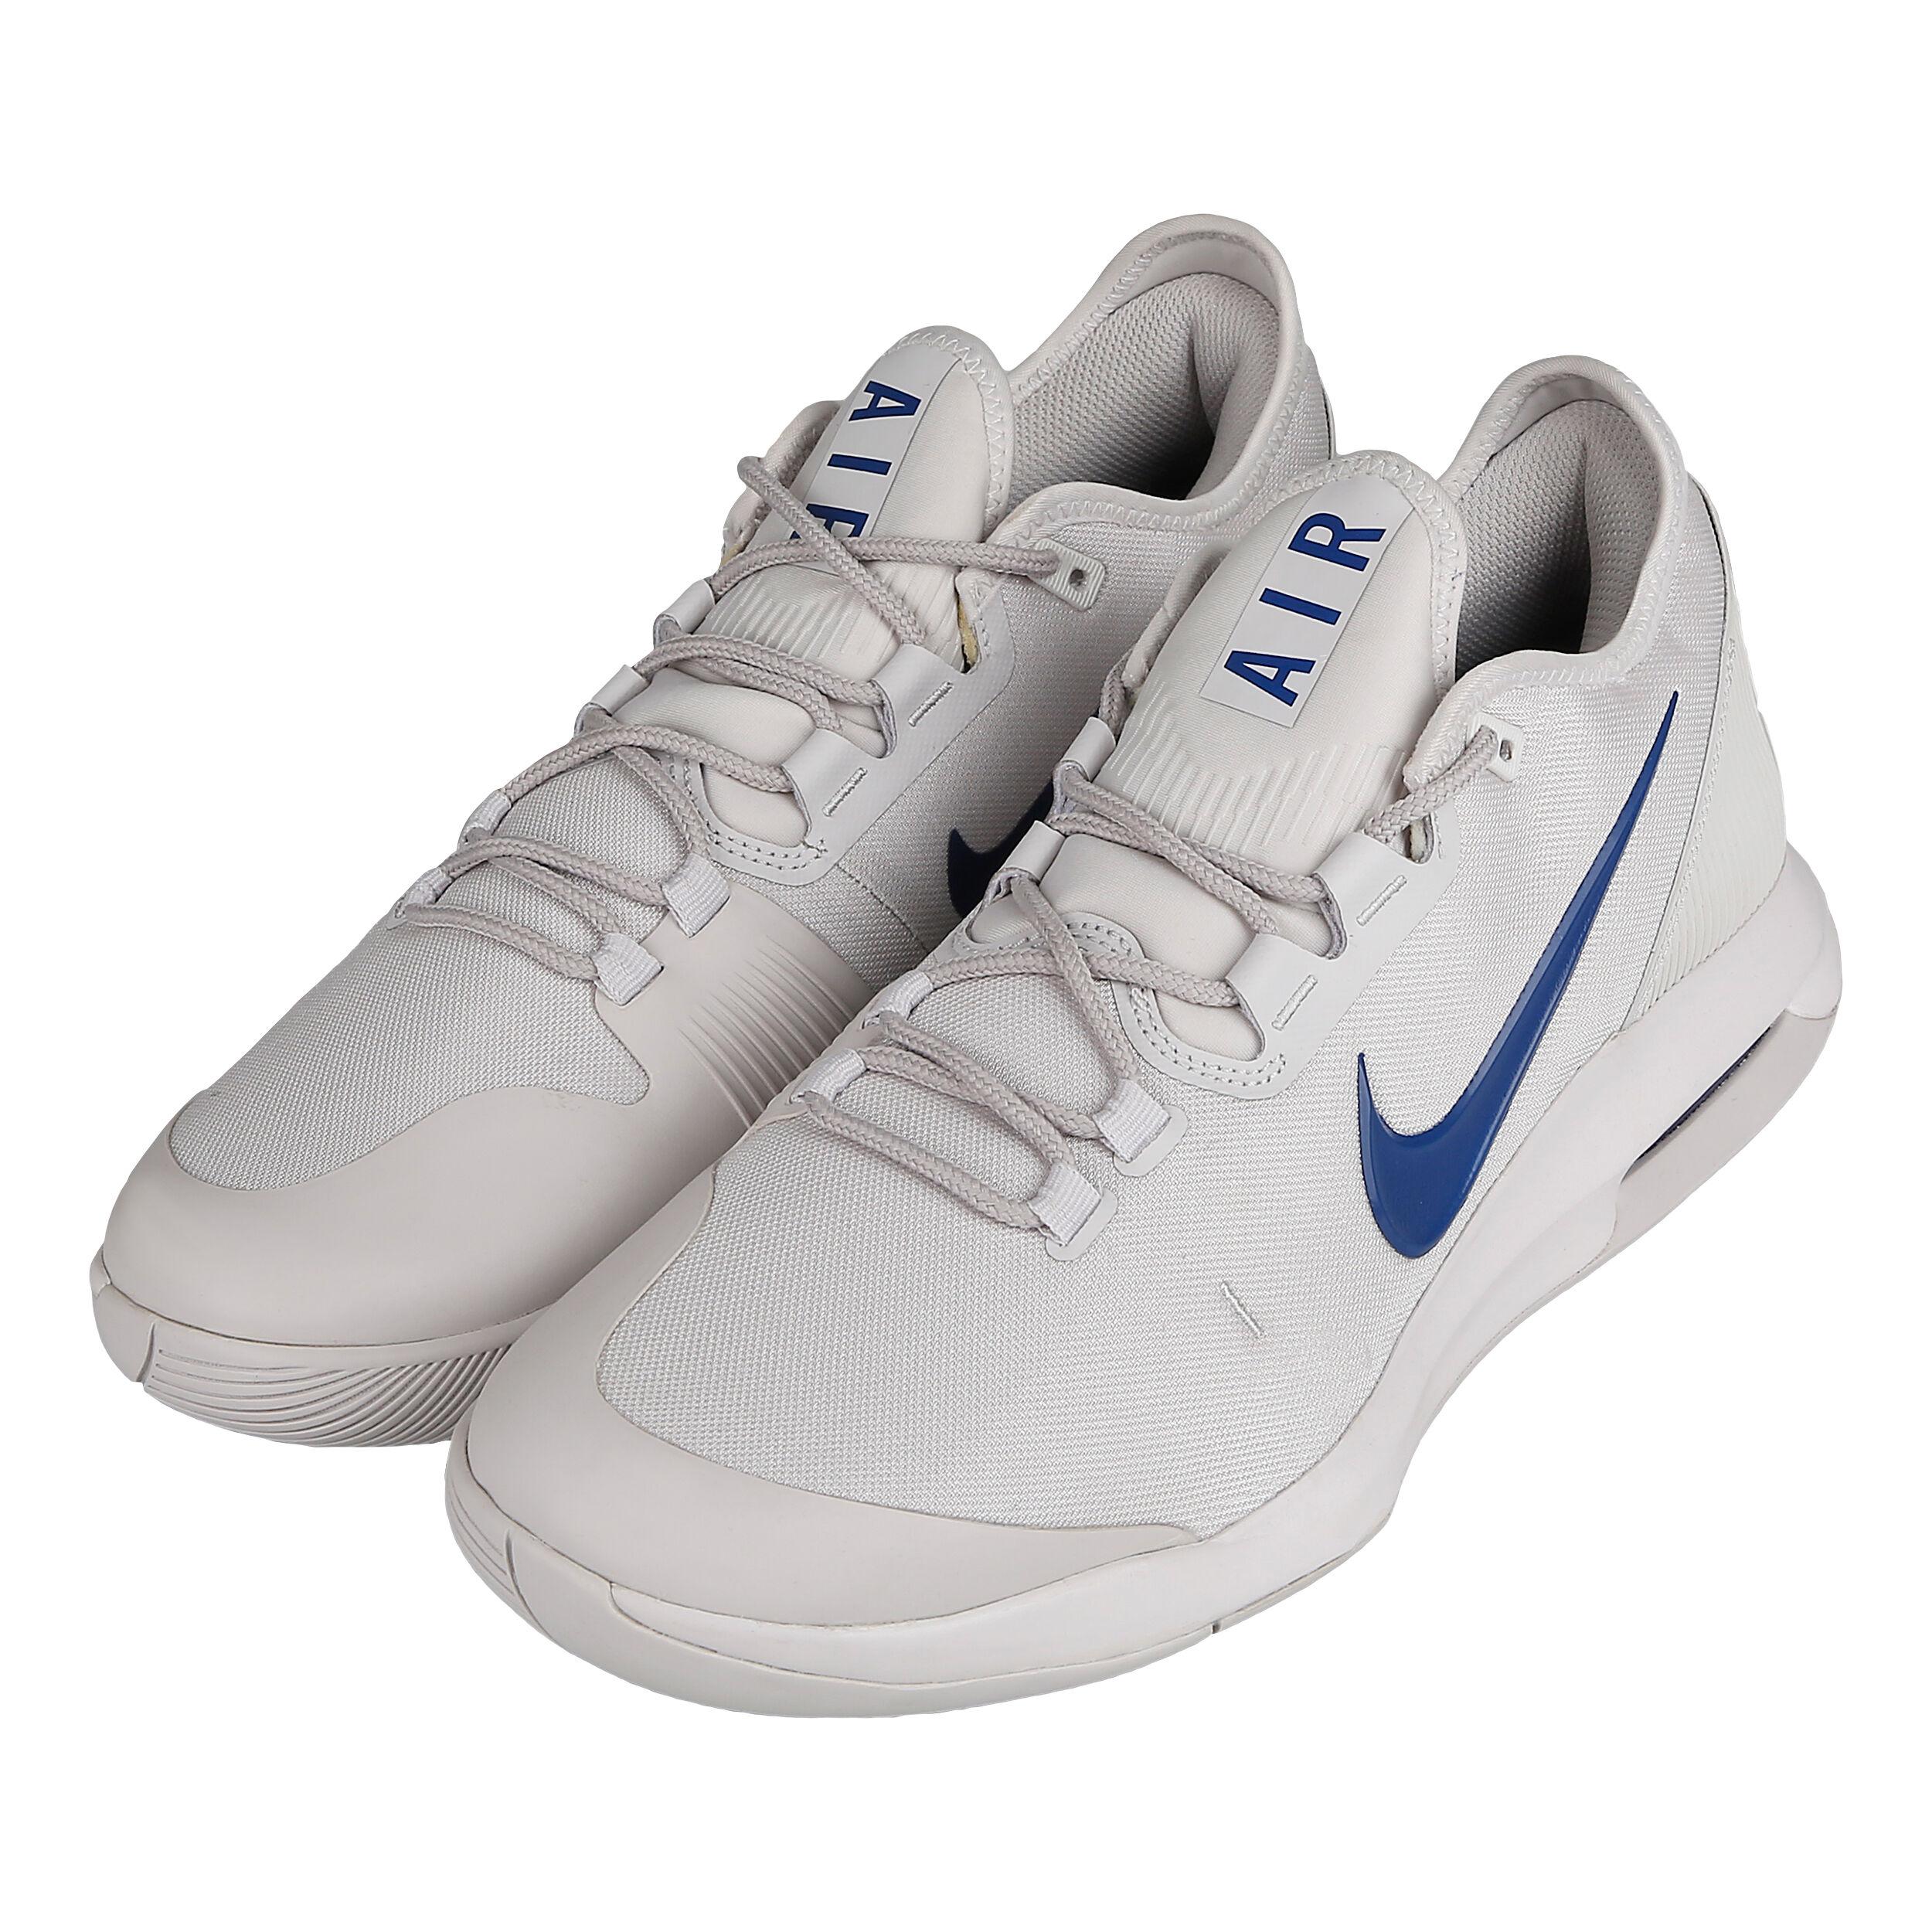 Nike Air Max Wildcard Zapatilla Todas Las Superficies Hombres Gris Claro, Blanco